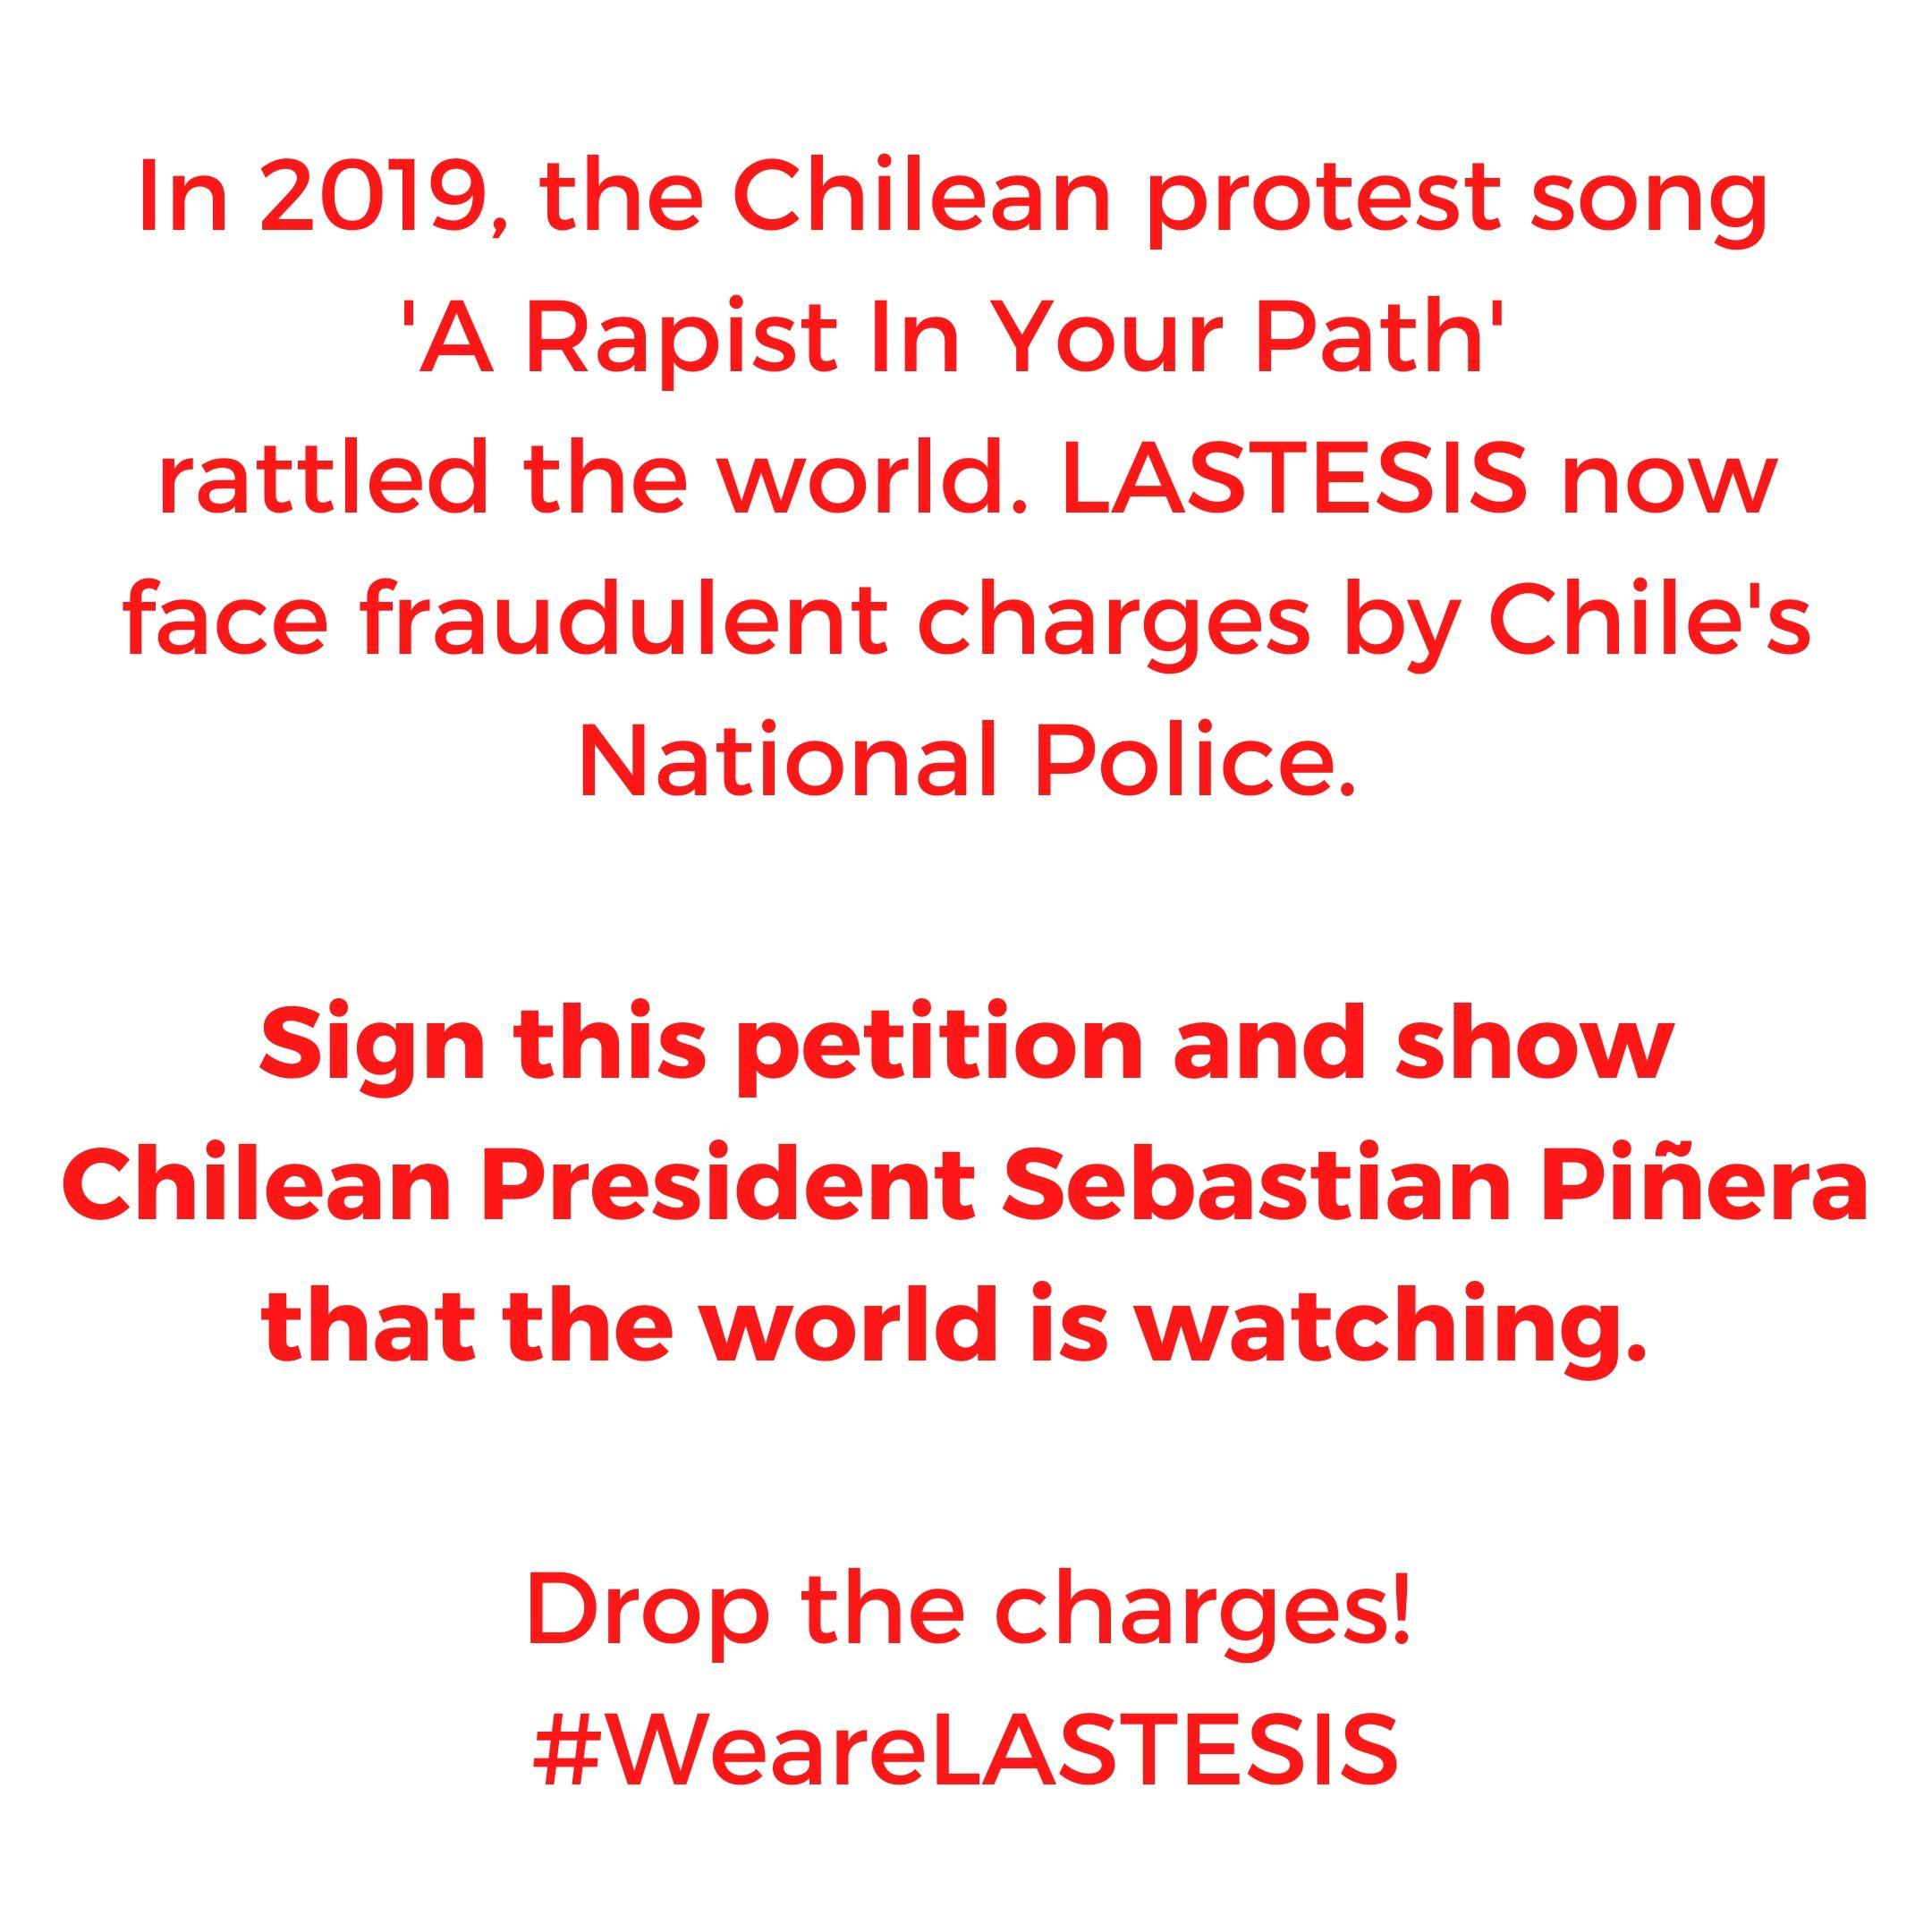 """Las actrices de Hollywood dirigieron una carta al presidente de Chile en apoyo a las Tesis, autoras de """"Un violador en tu camino"""""""